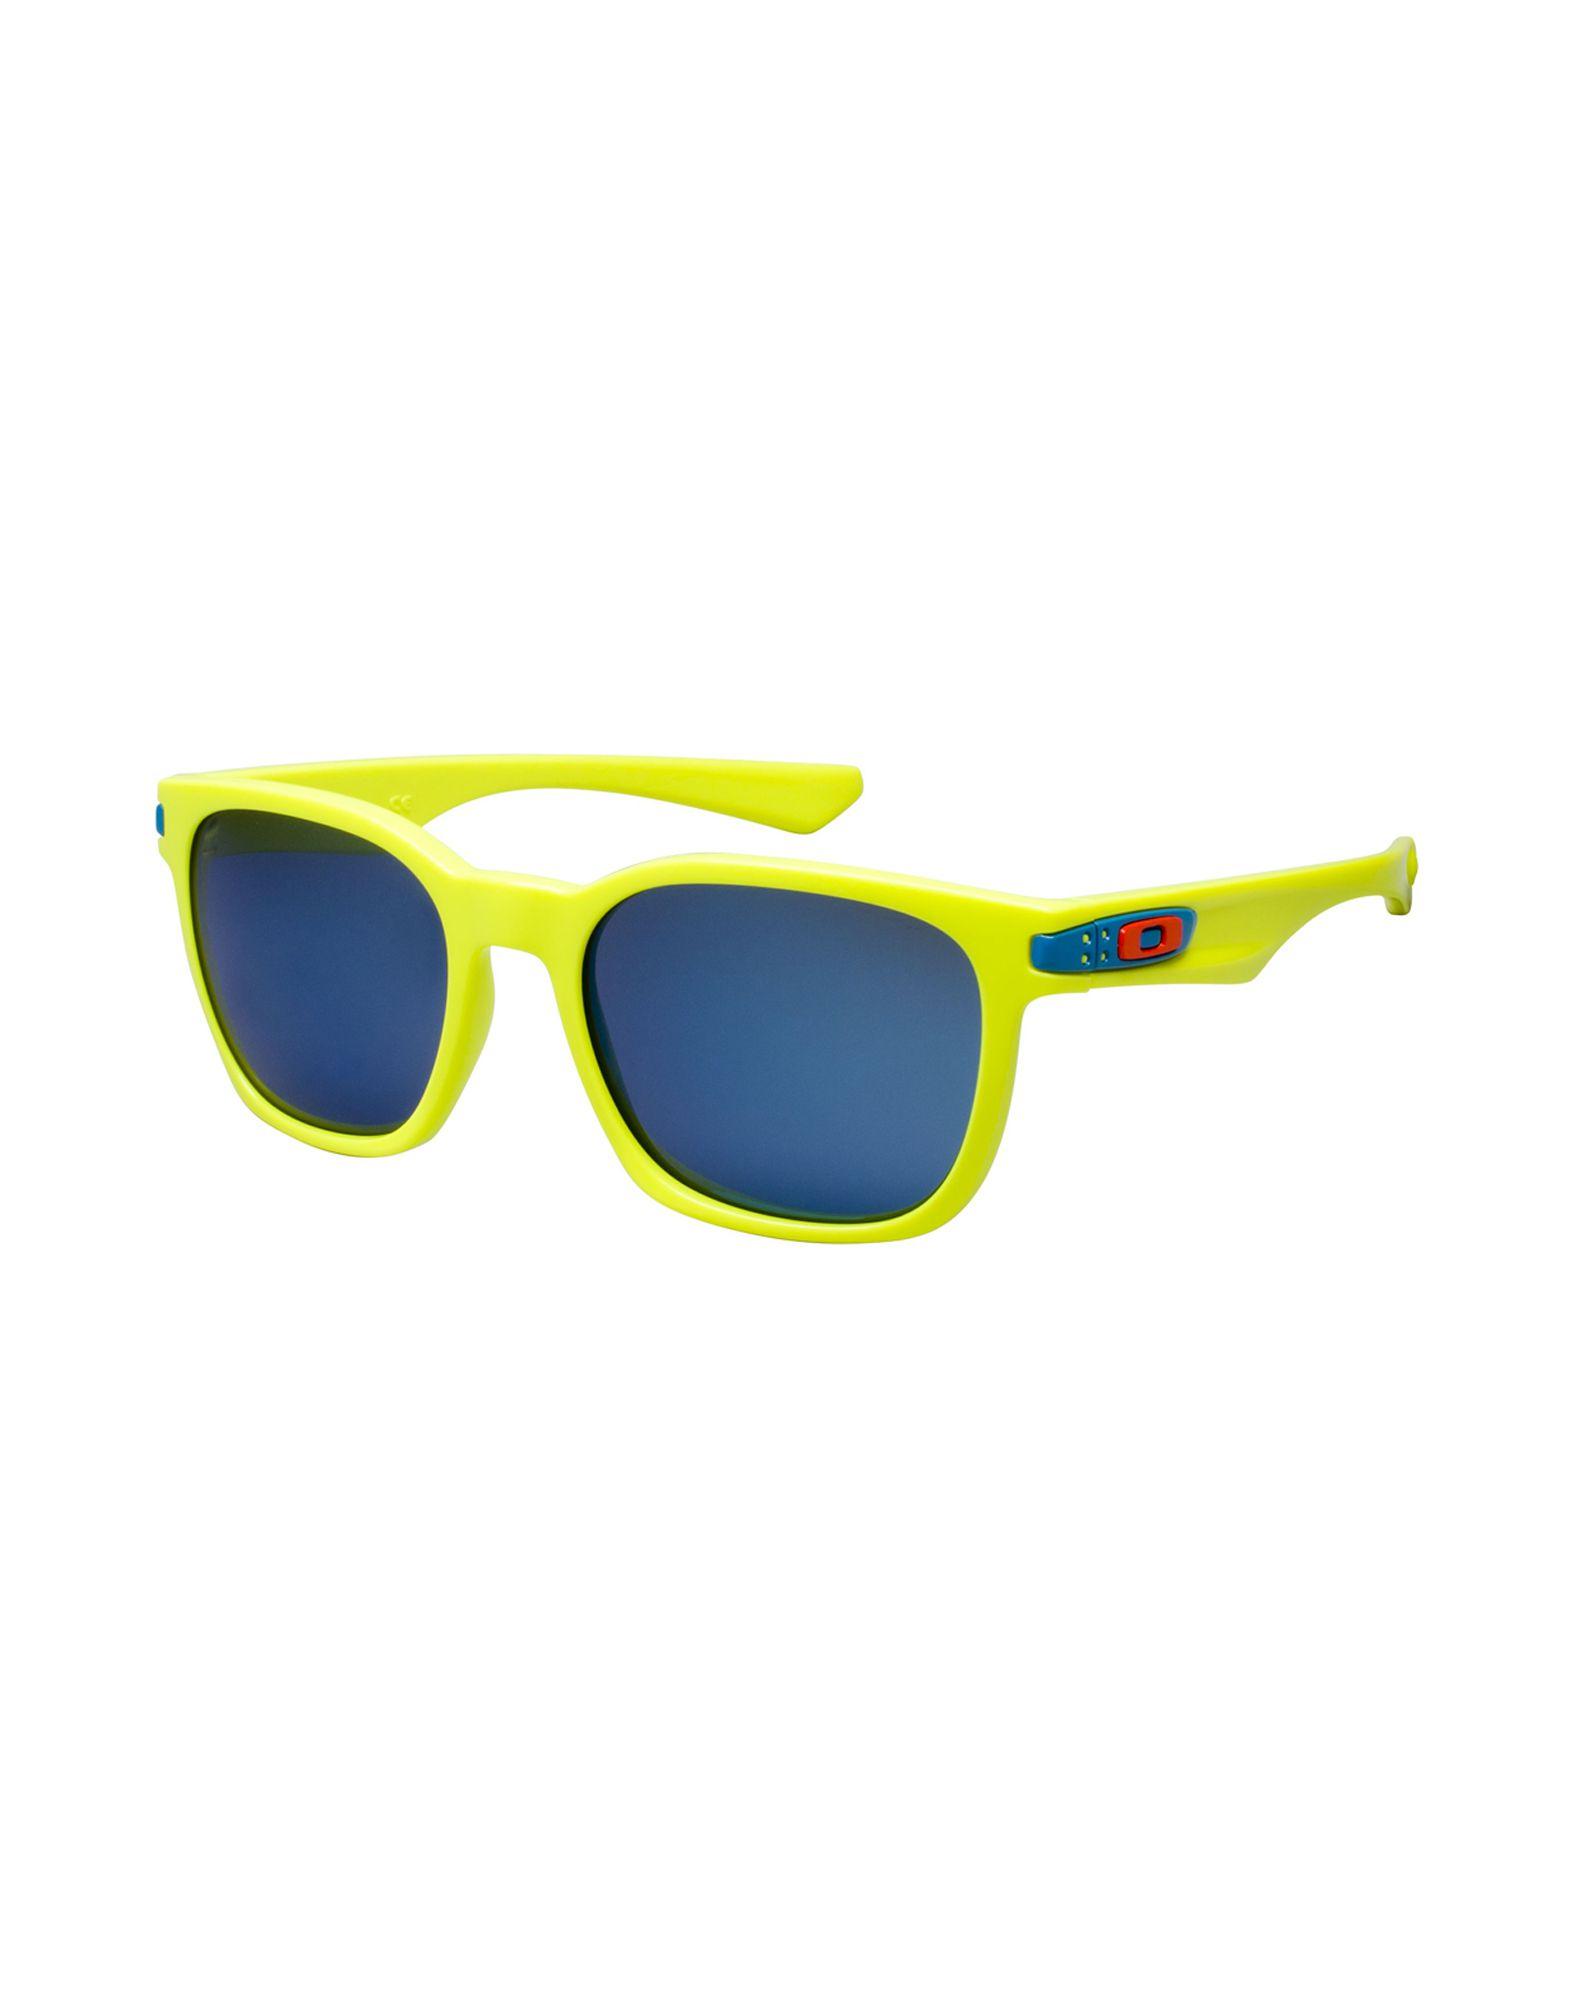 OAKLEY Herren Sonnenbrille Farbe Gelb Größe 1